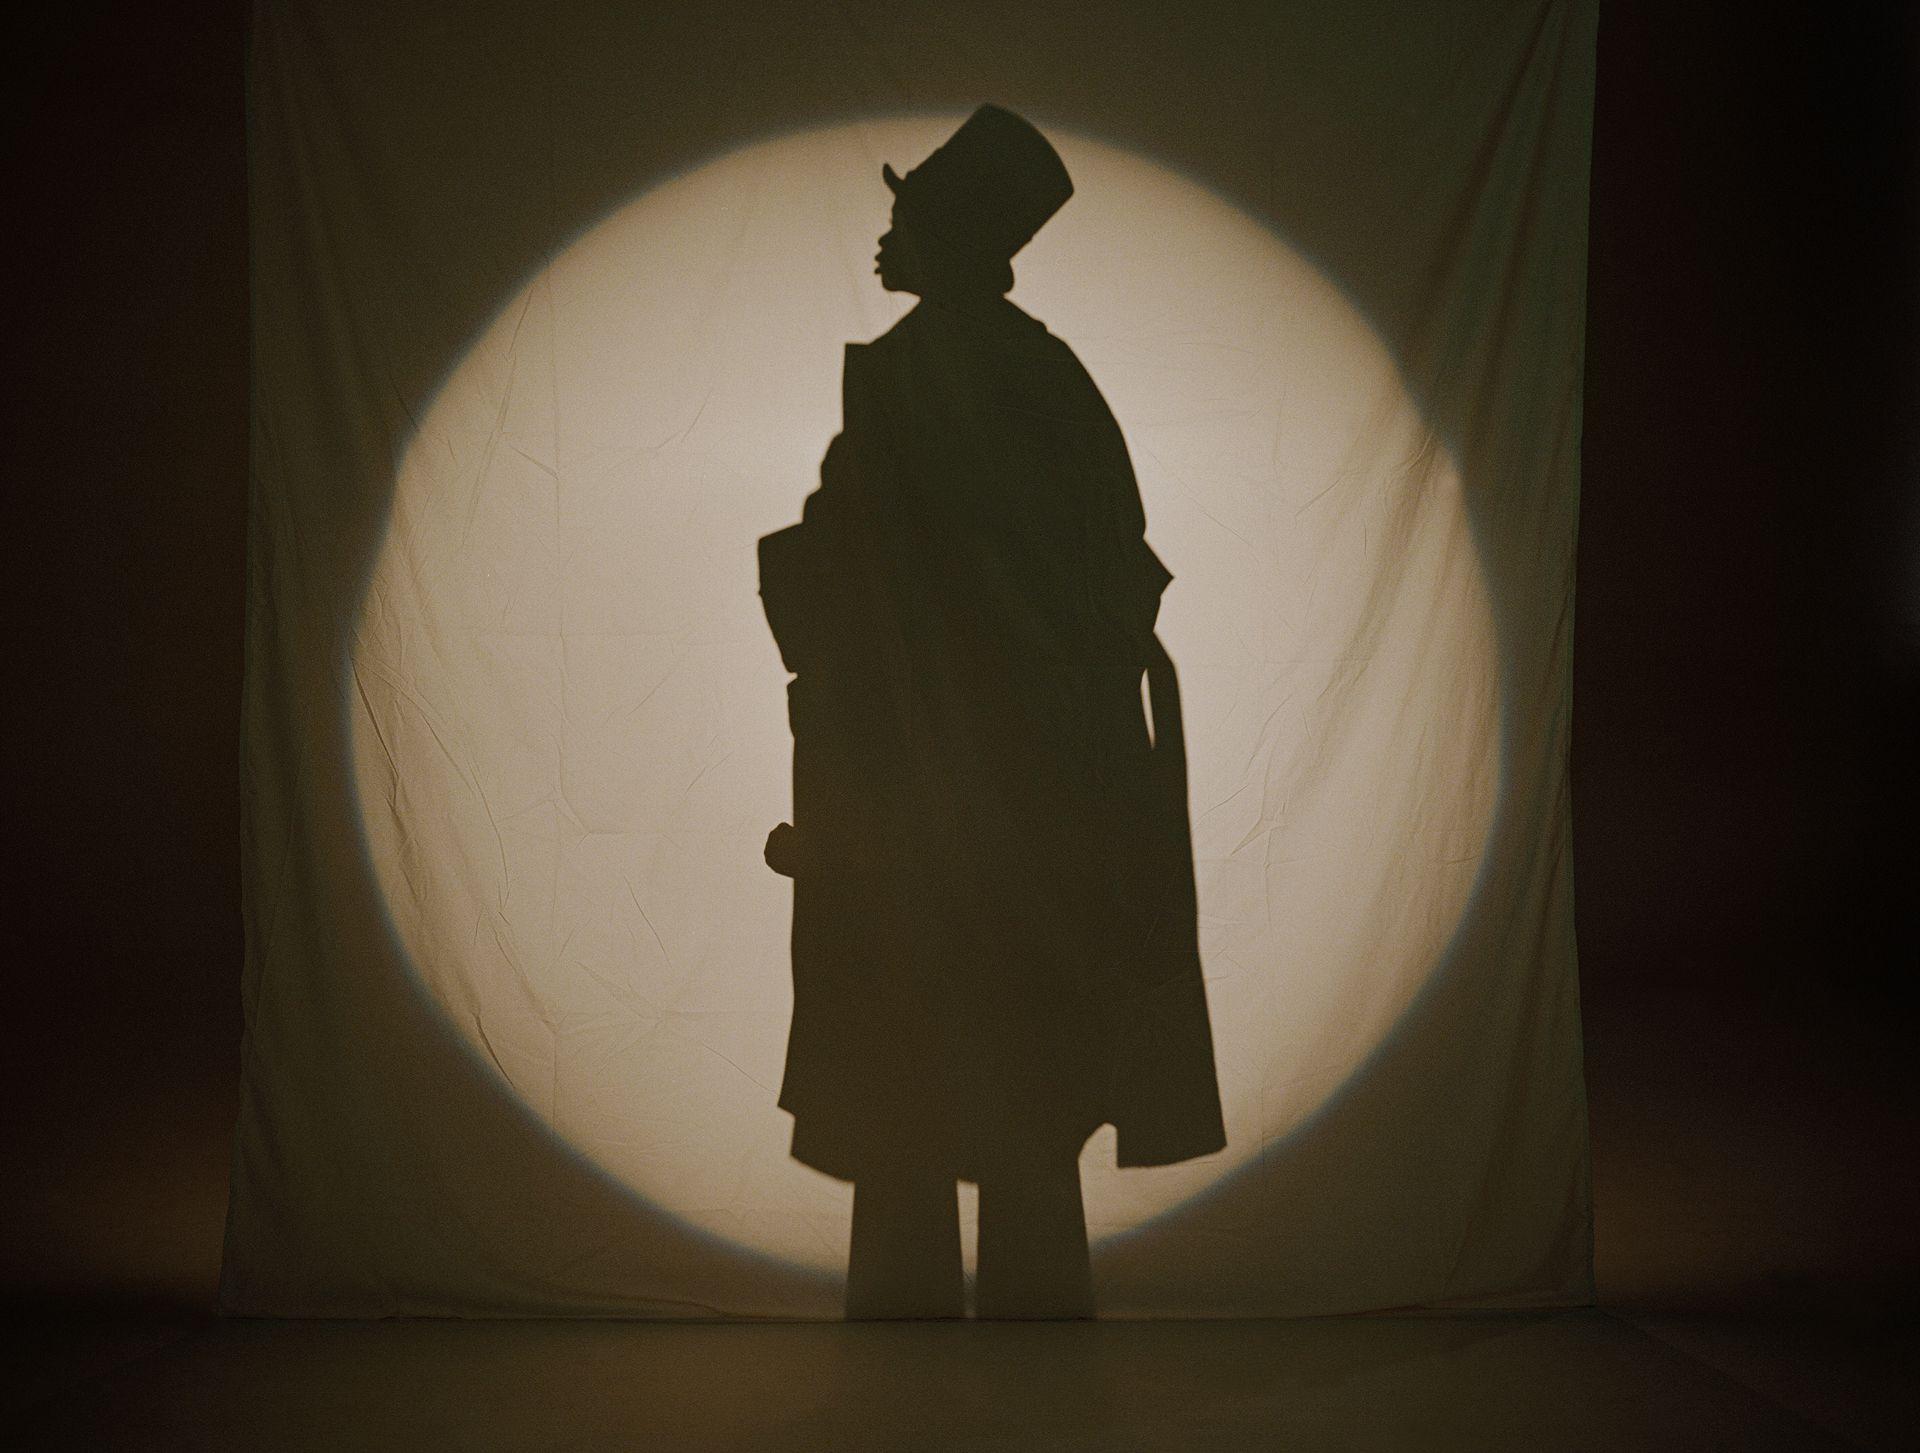 Un petit garçon fait semblant d'être un grand adulte en trench-coat dans un spectacle d'ombres chinoises. Nous ne voyons que son ombre dans un cercle de lumière.